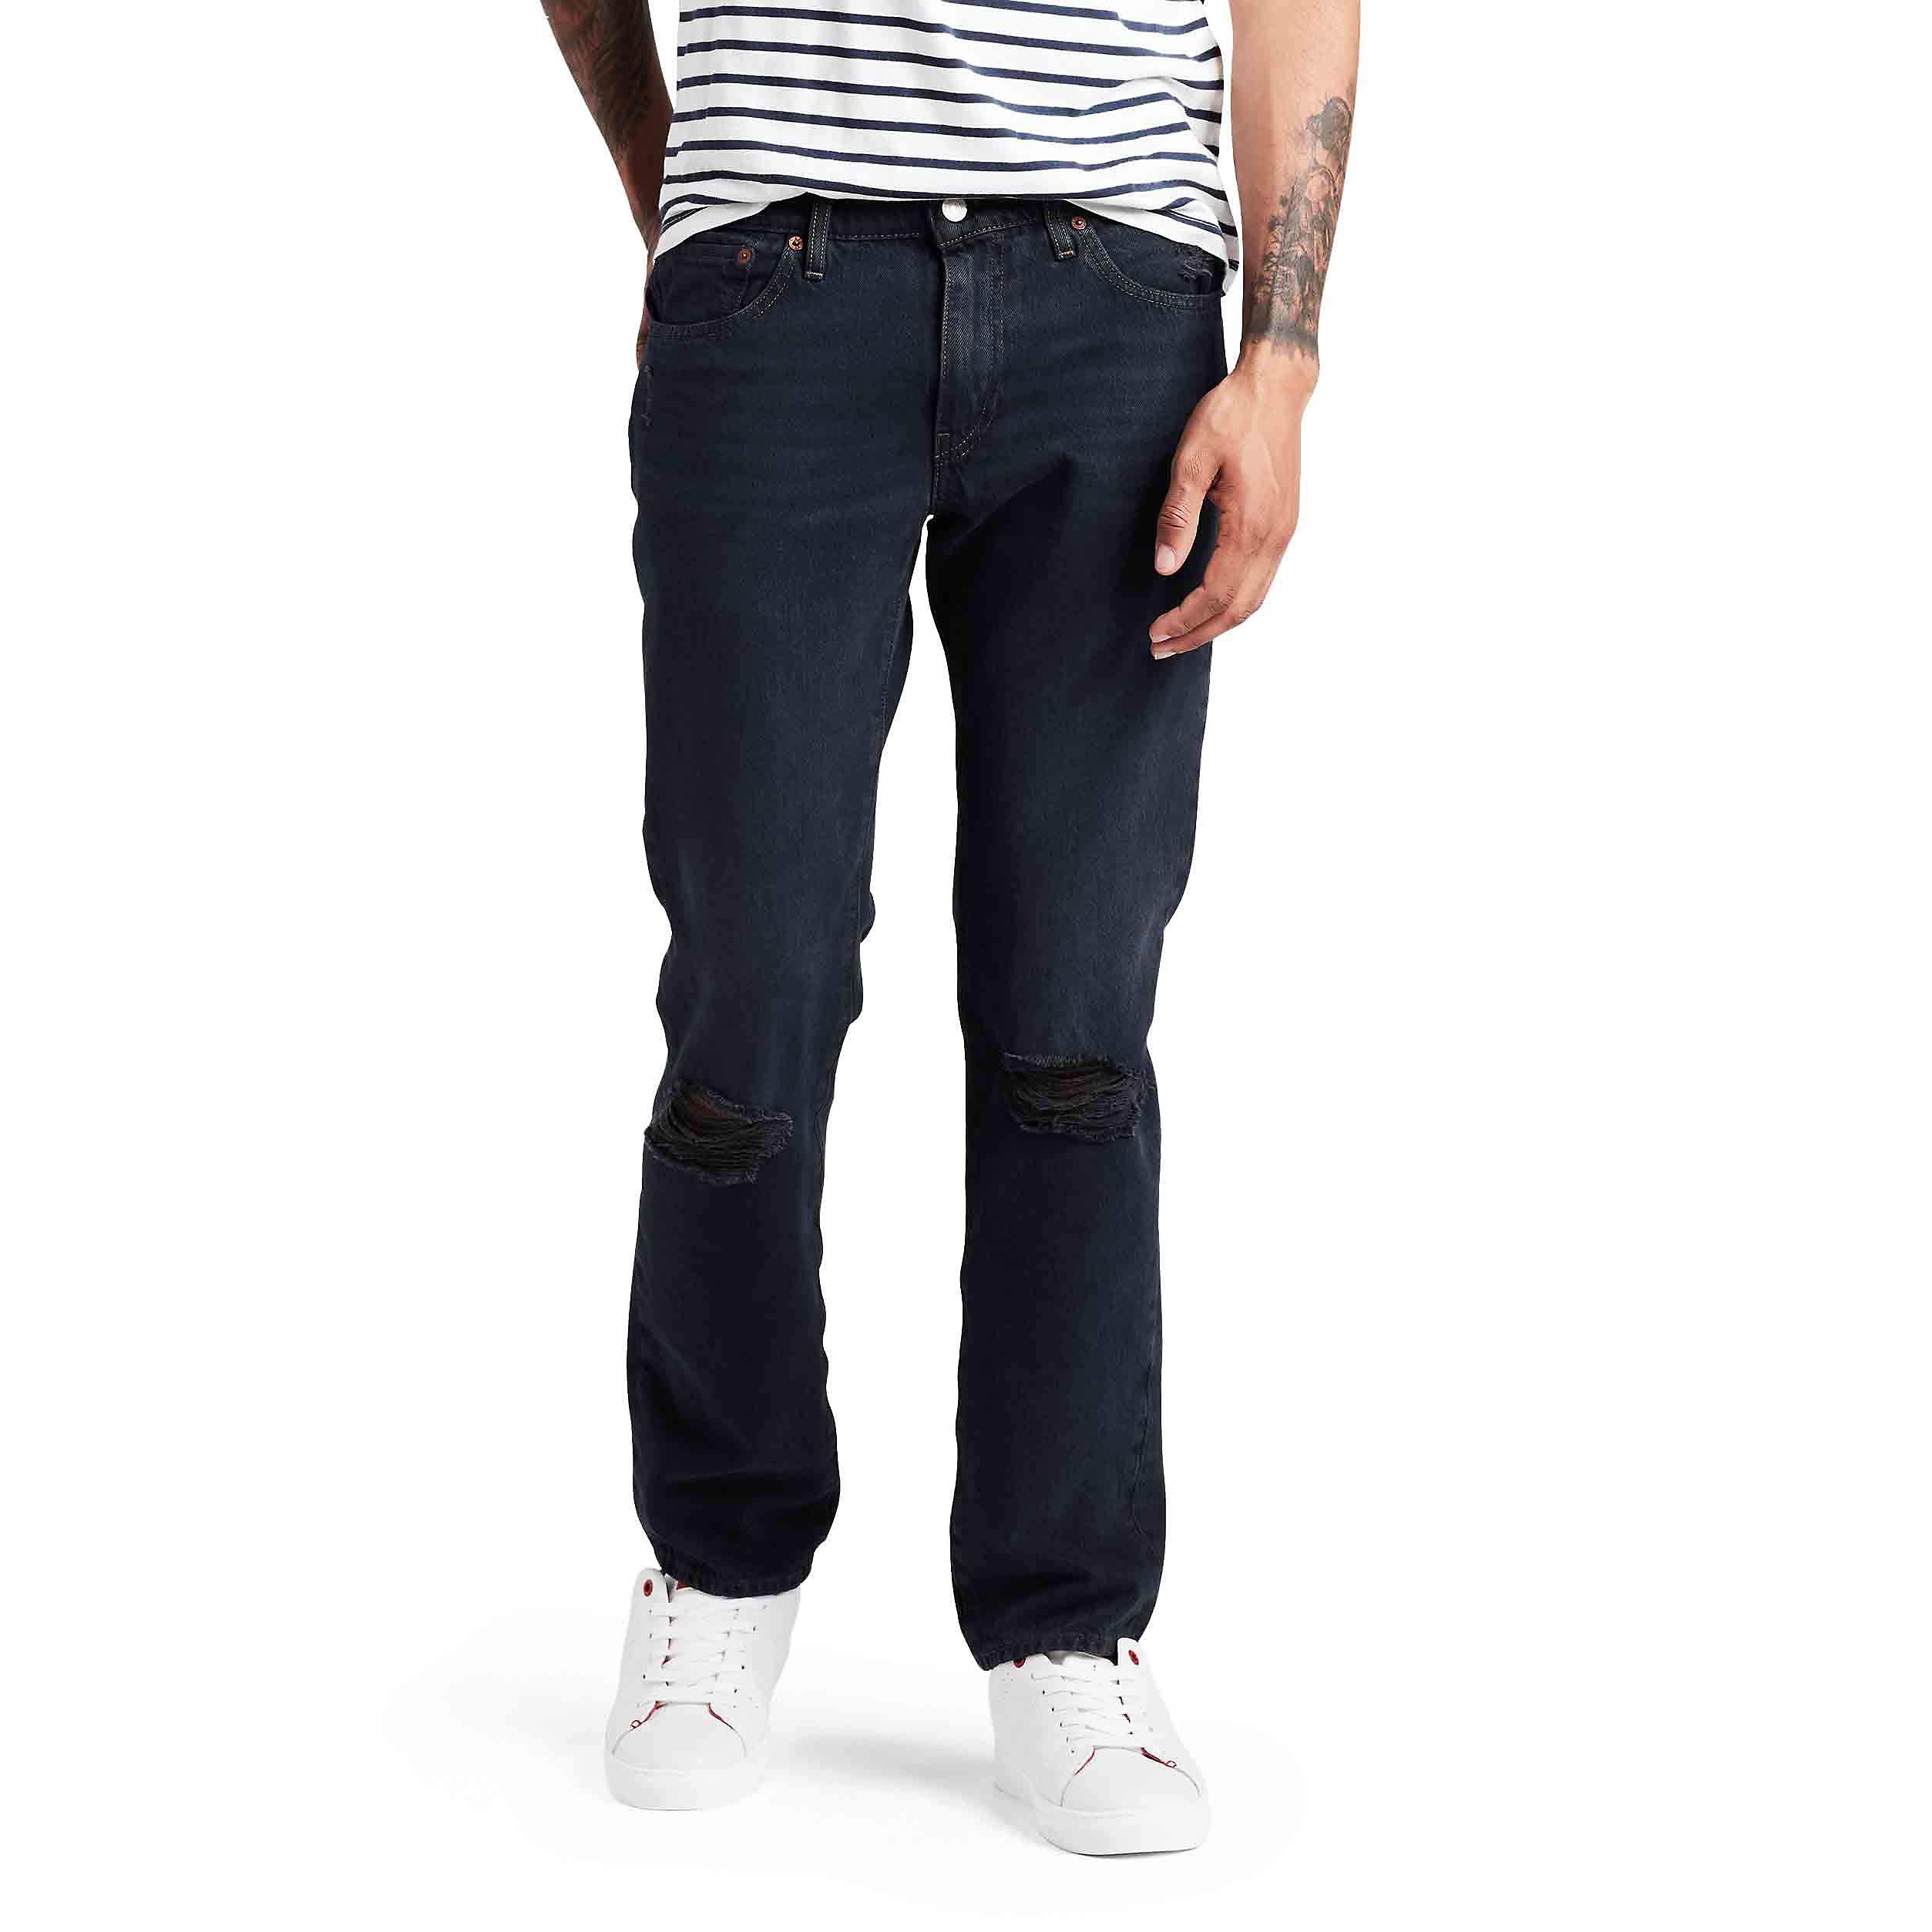 Levi's Men's 511 Slim Fit Stretch Jeans, Black, 31W x 32L